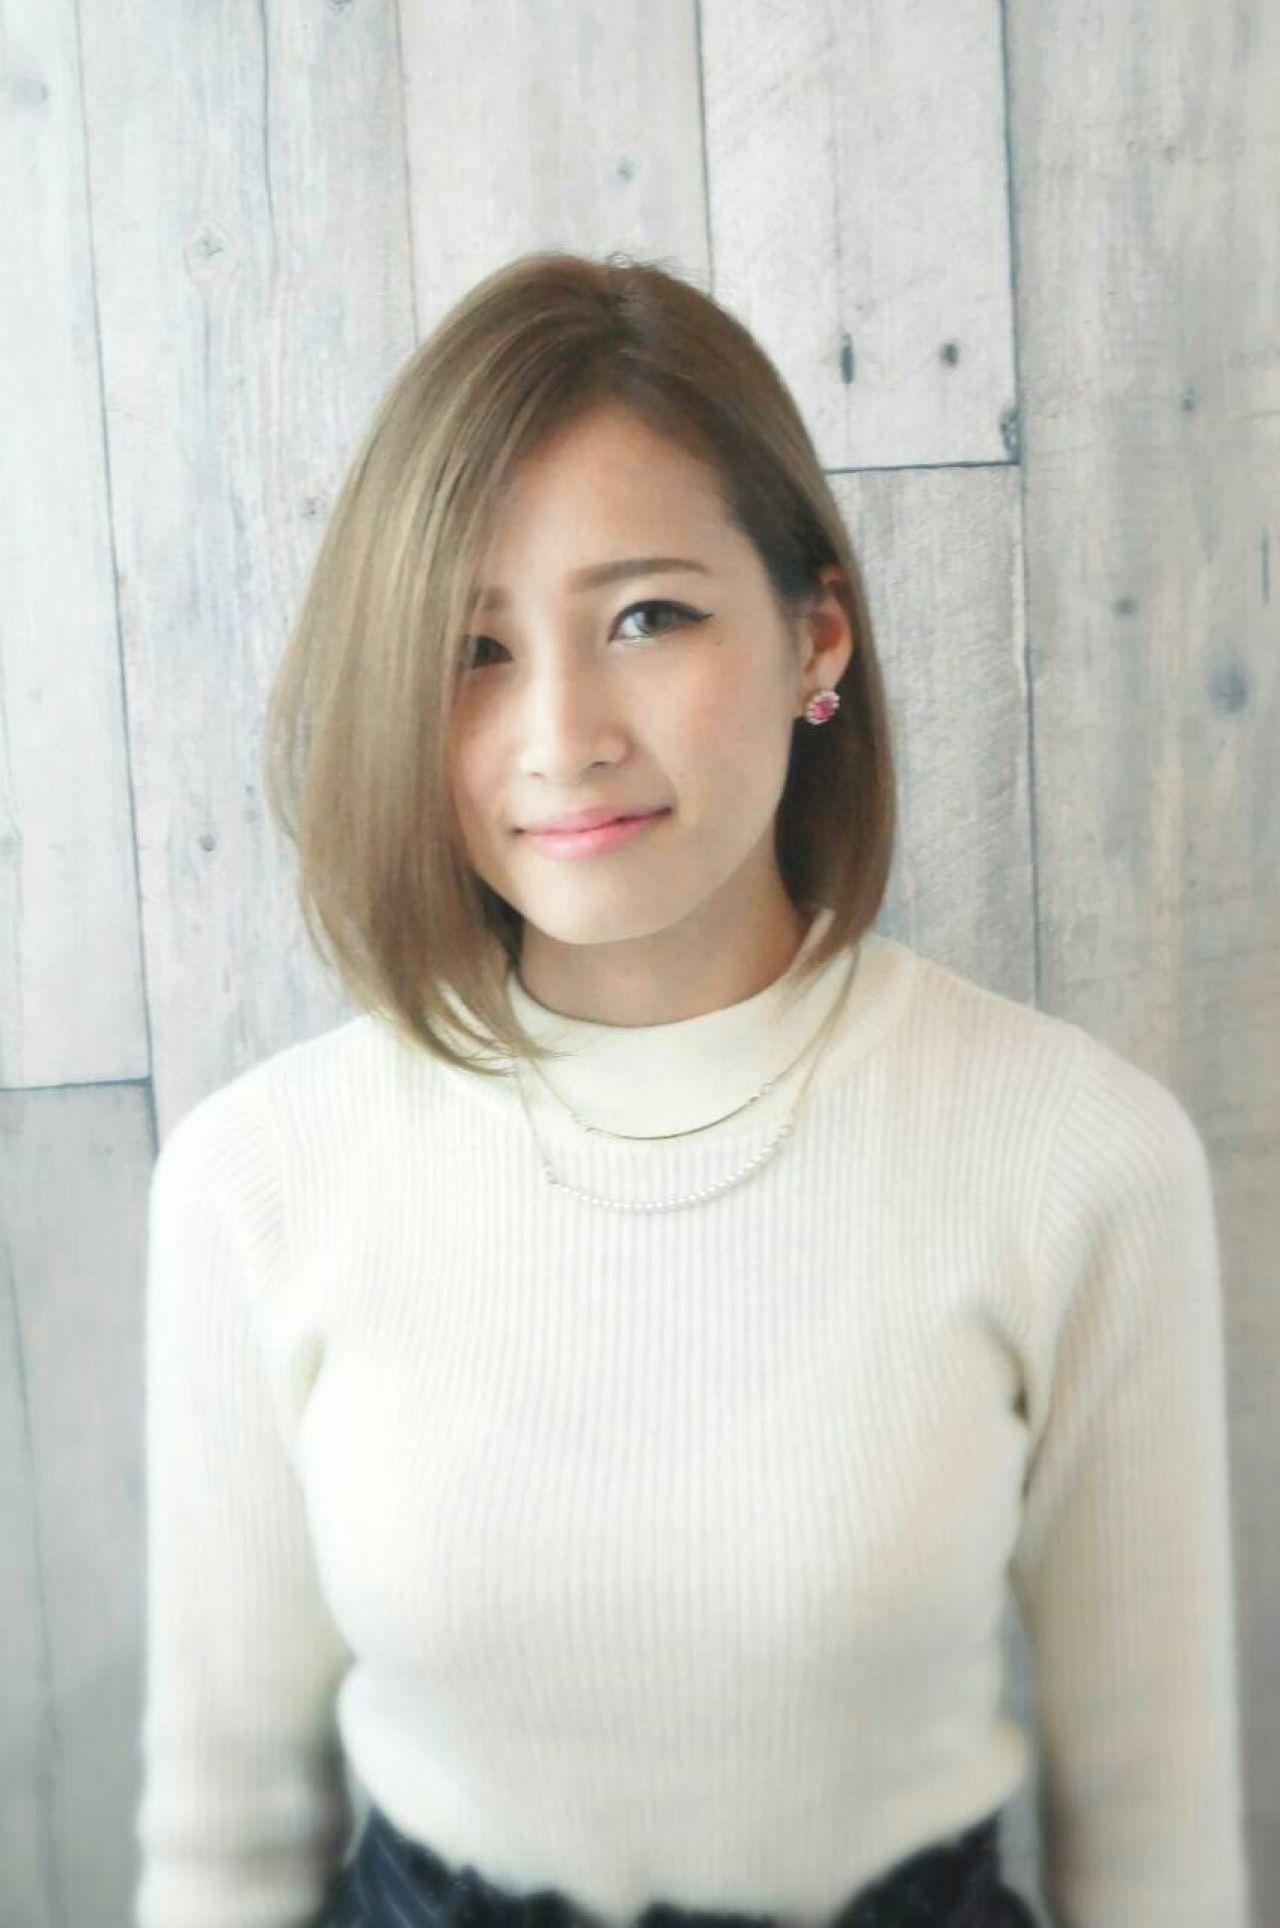 【前髪あり】ストレートボブ15